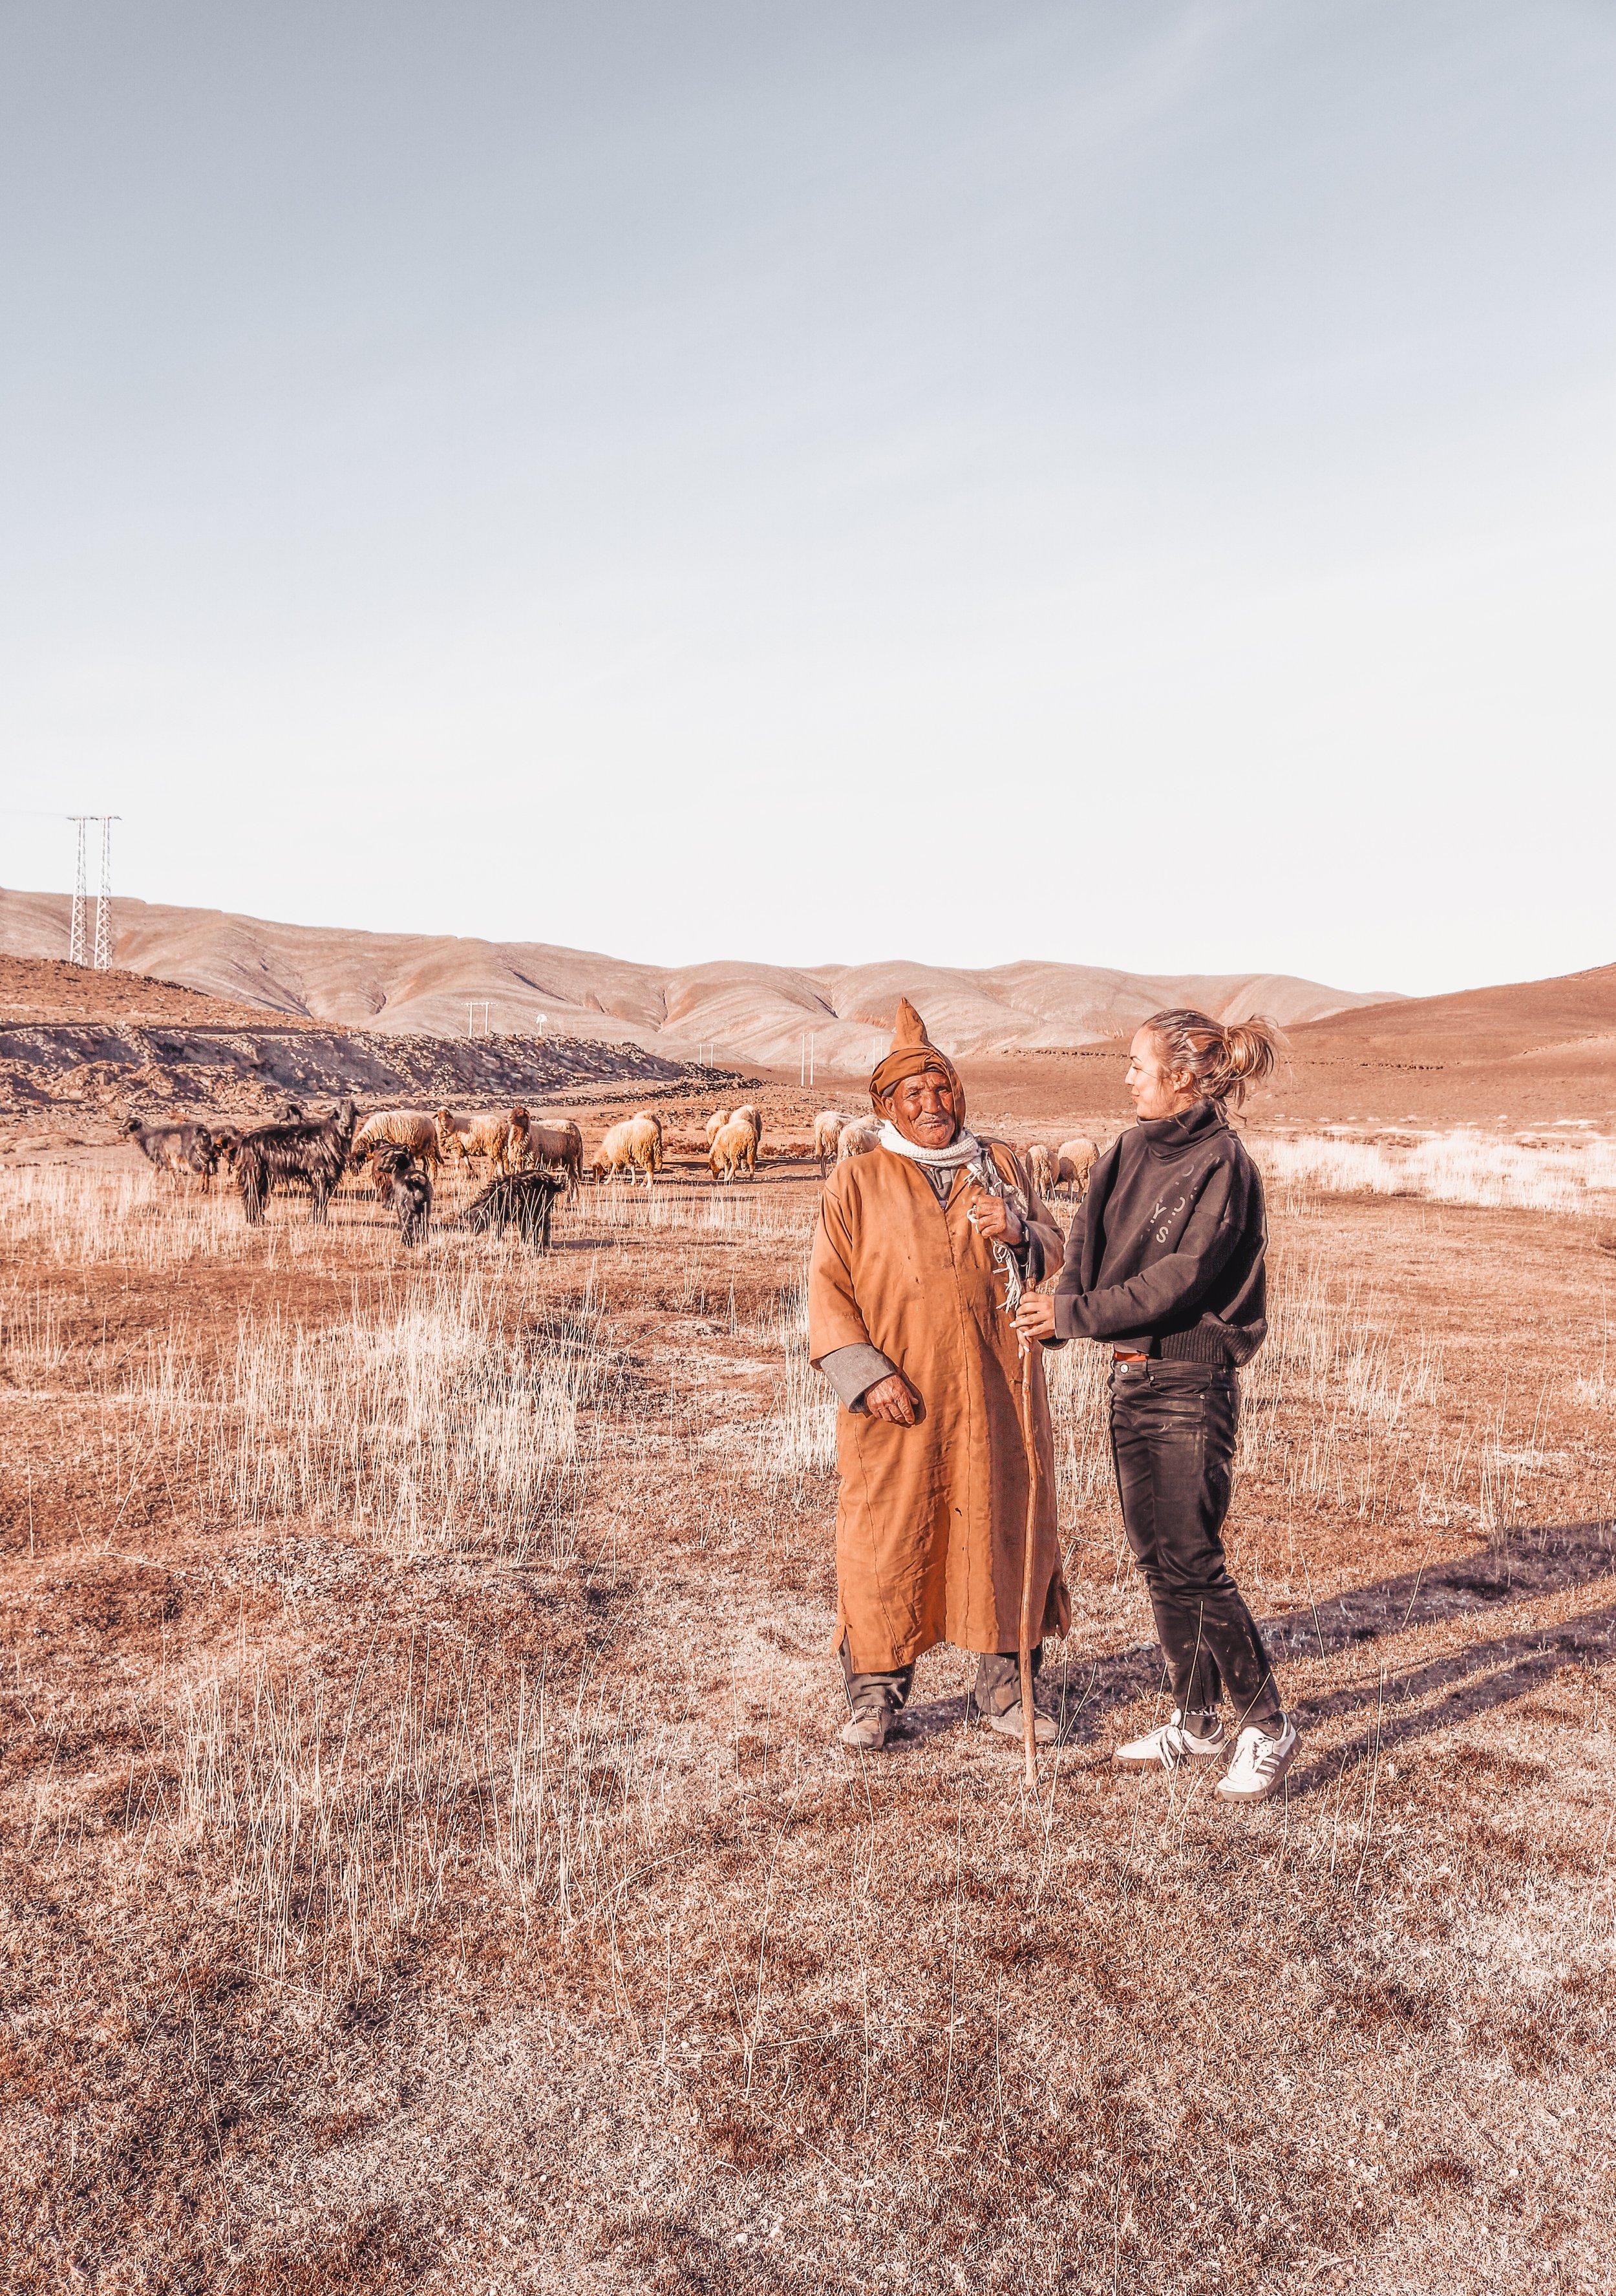 road-trip-morocco-2019.jpg